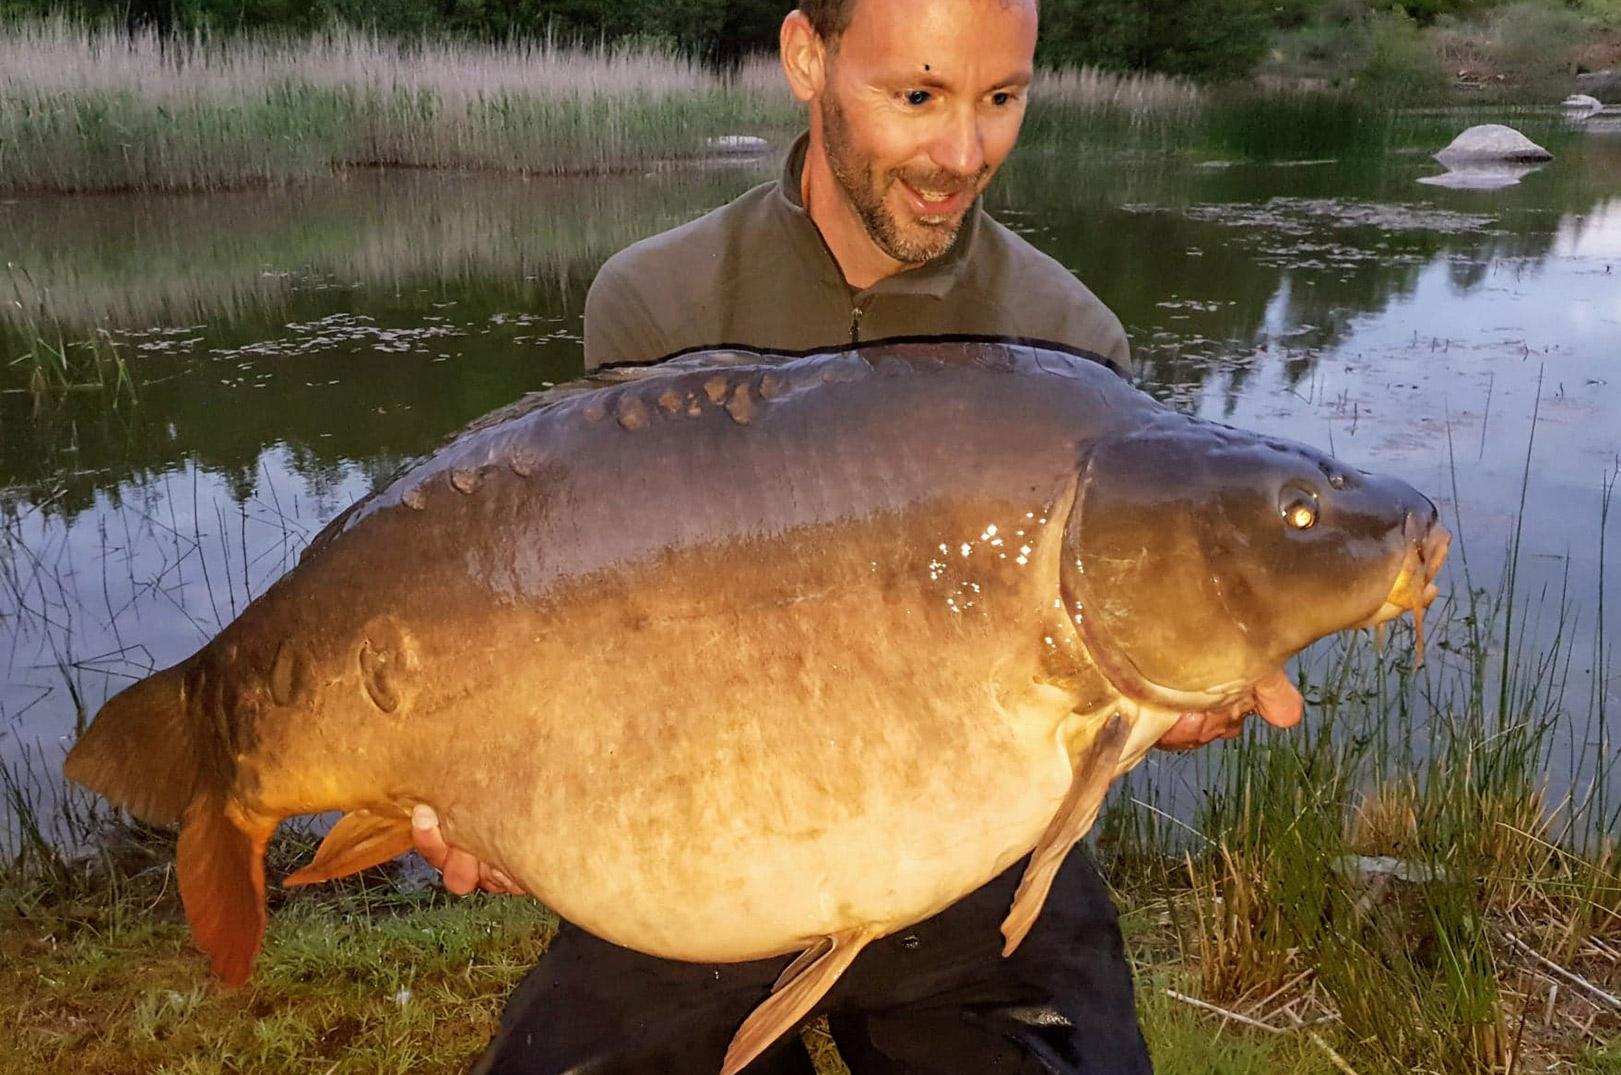 Leif Krause med sin 22,18 kilos karpe taget på overfaldefiskeri. 28 kilos karpen har du på det øverste foto i nyheden.